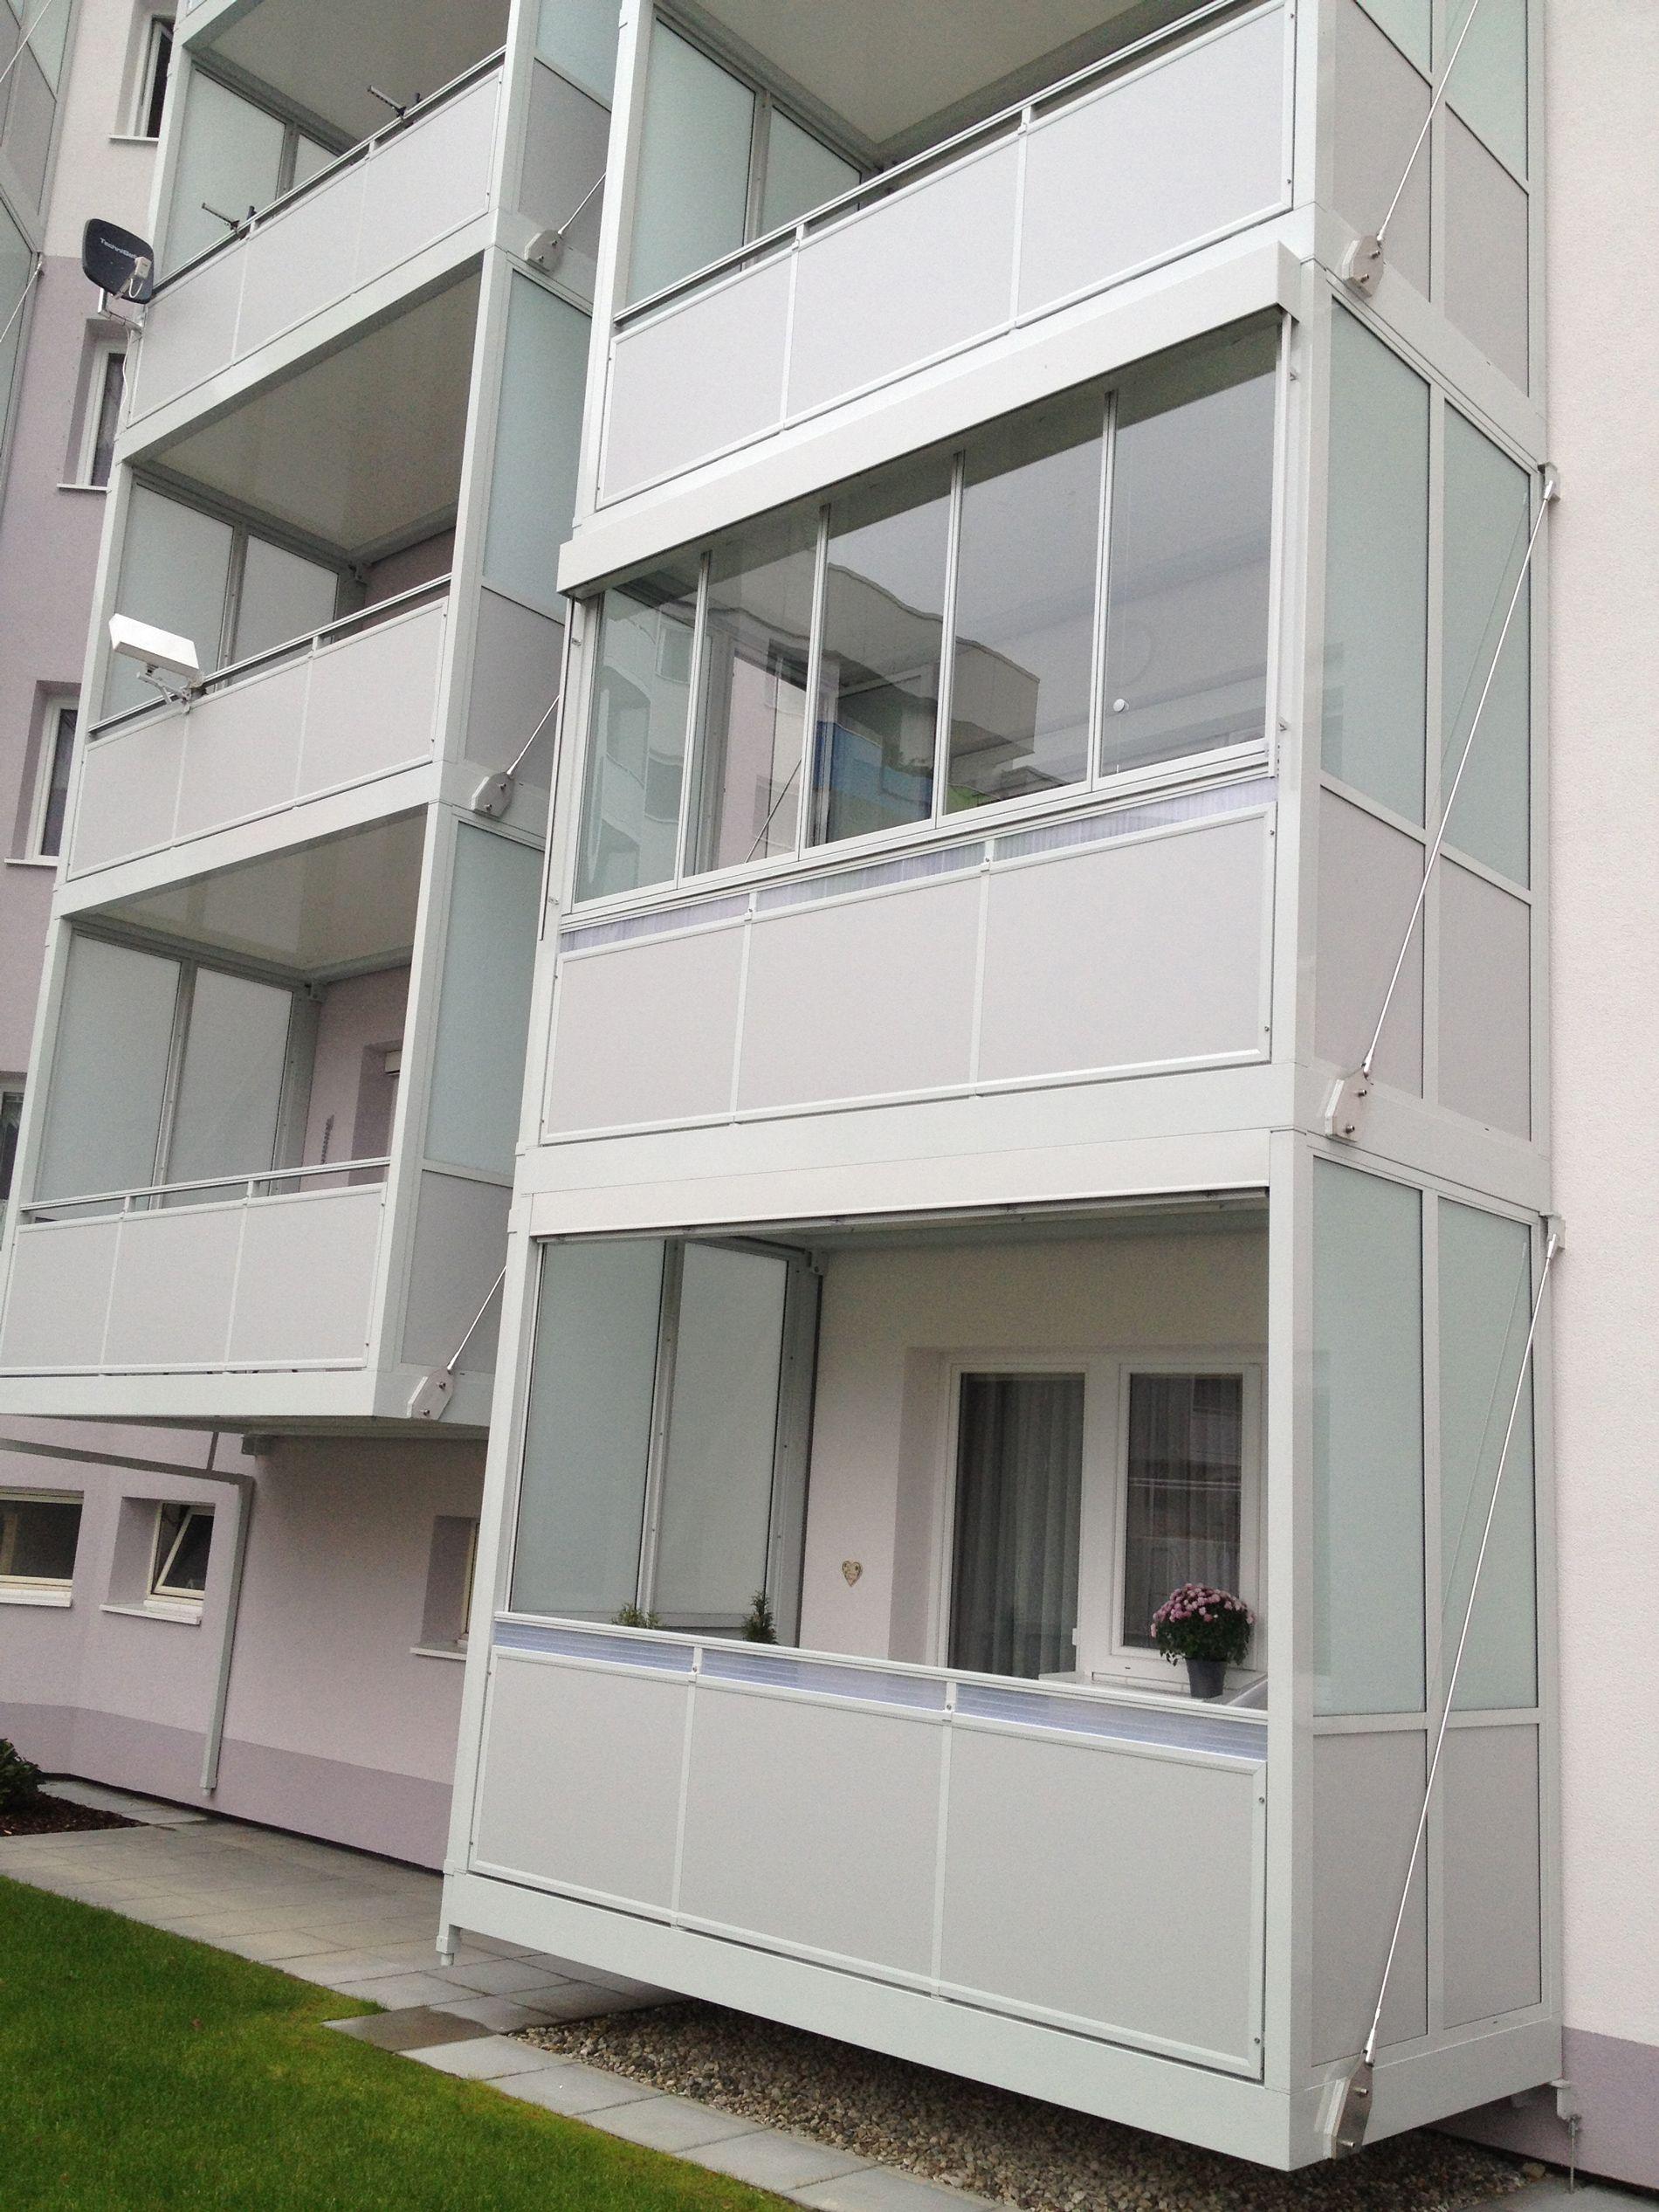 Beliebt Schiebe-Dreh-Systeme für Balkon Glas | Verglasungen // Balkon NI55